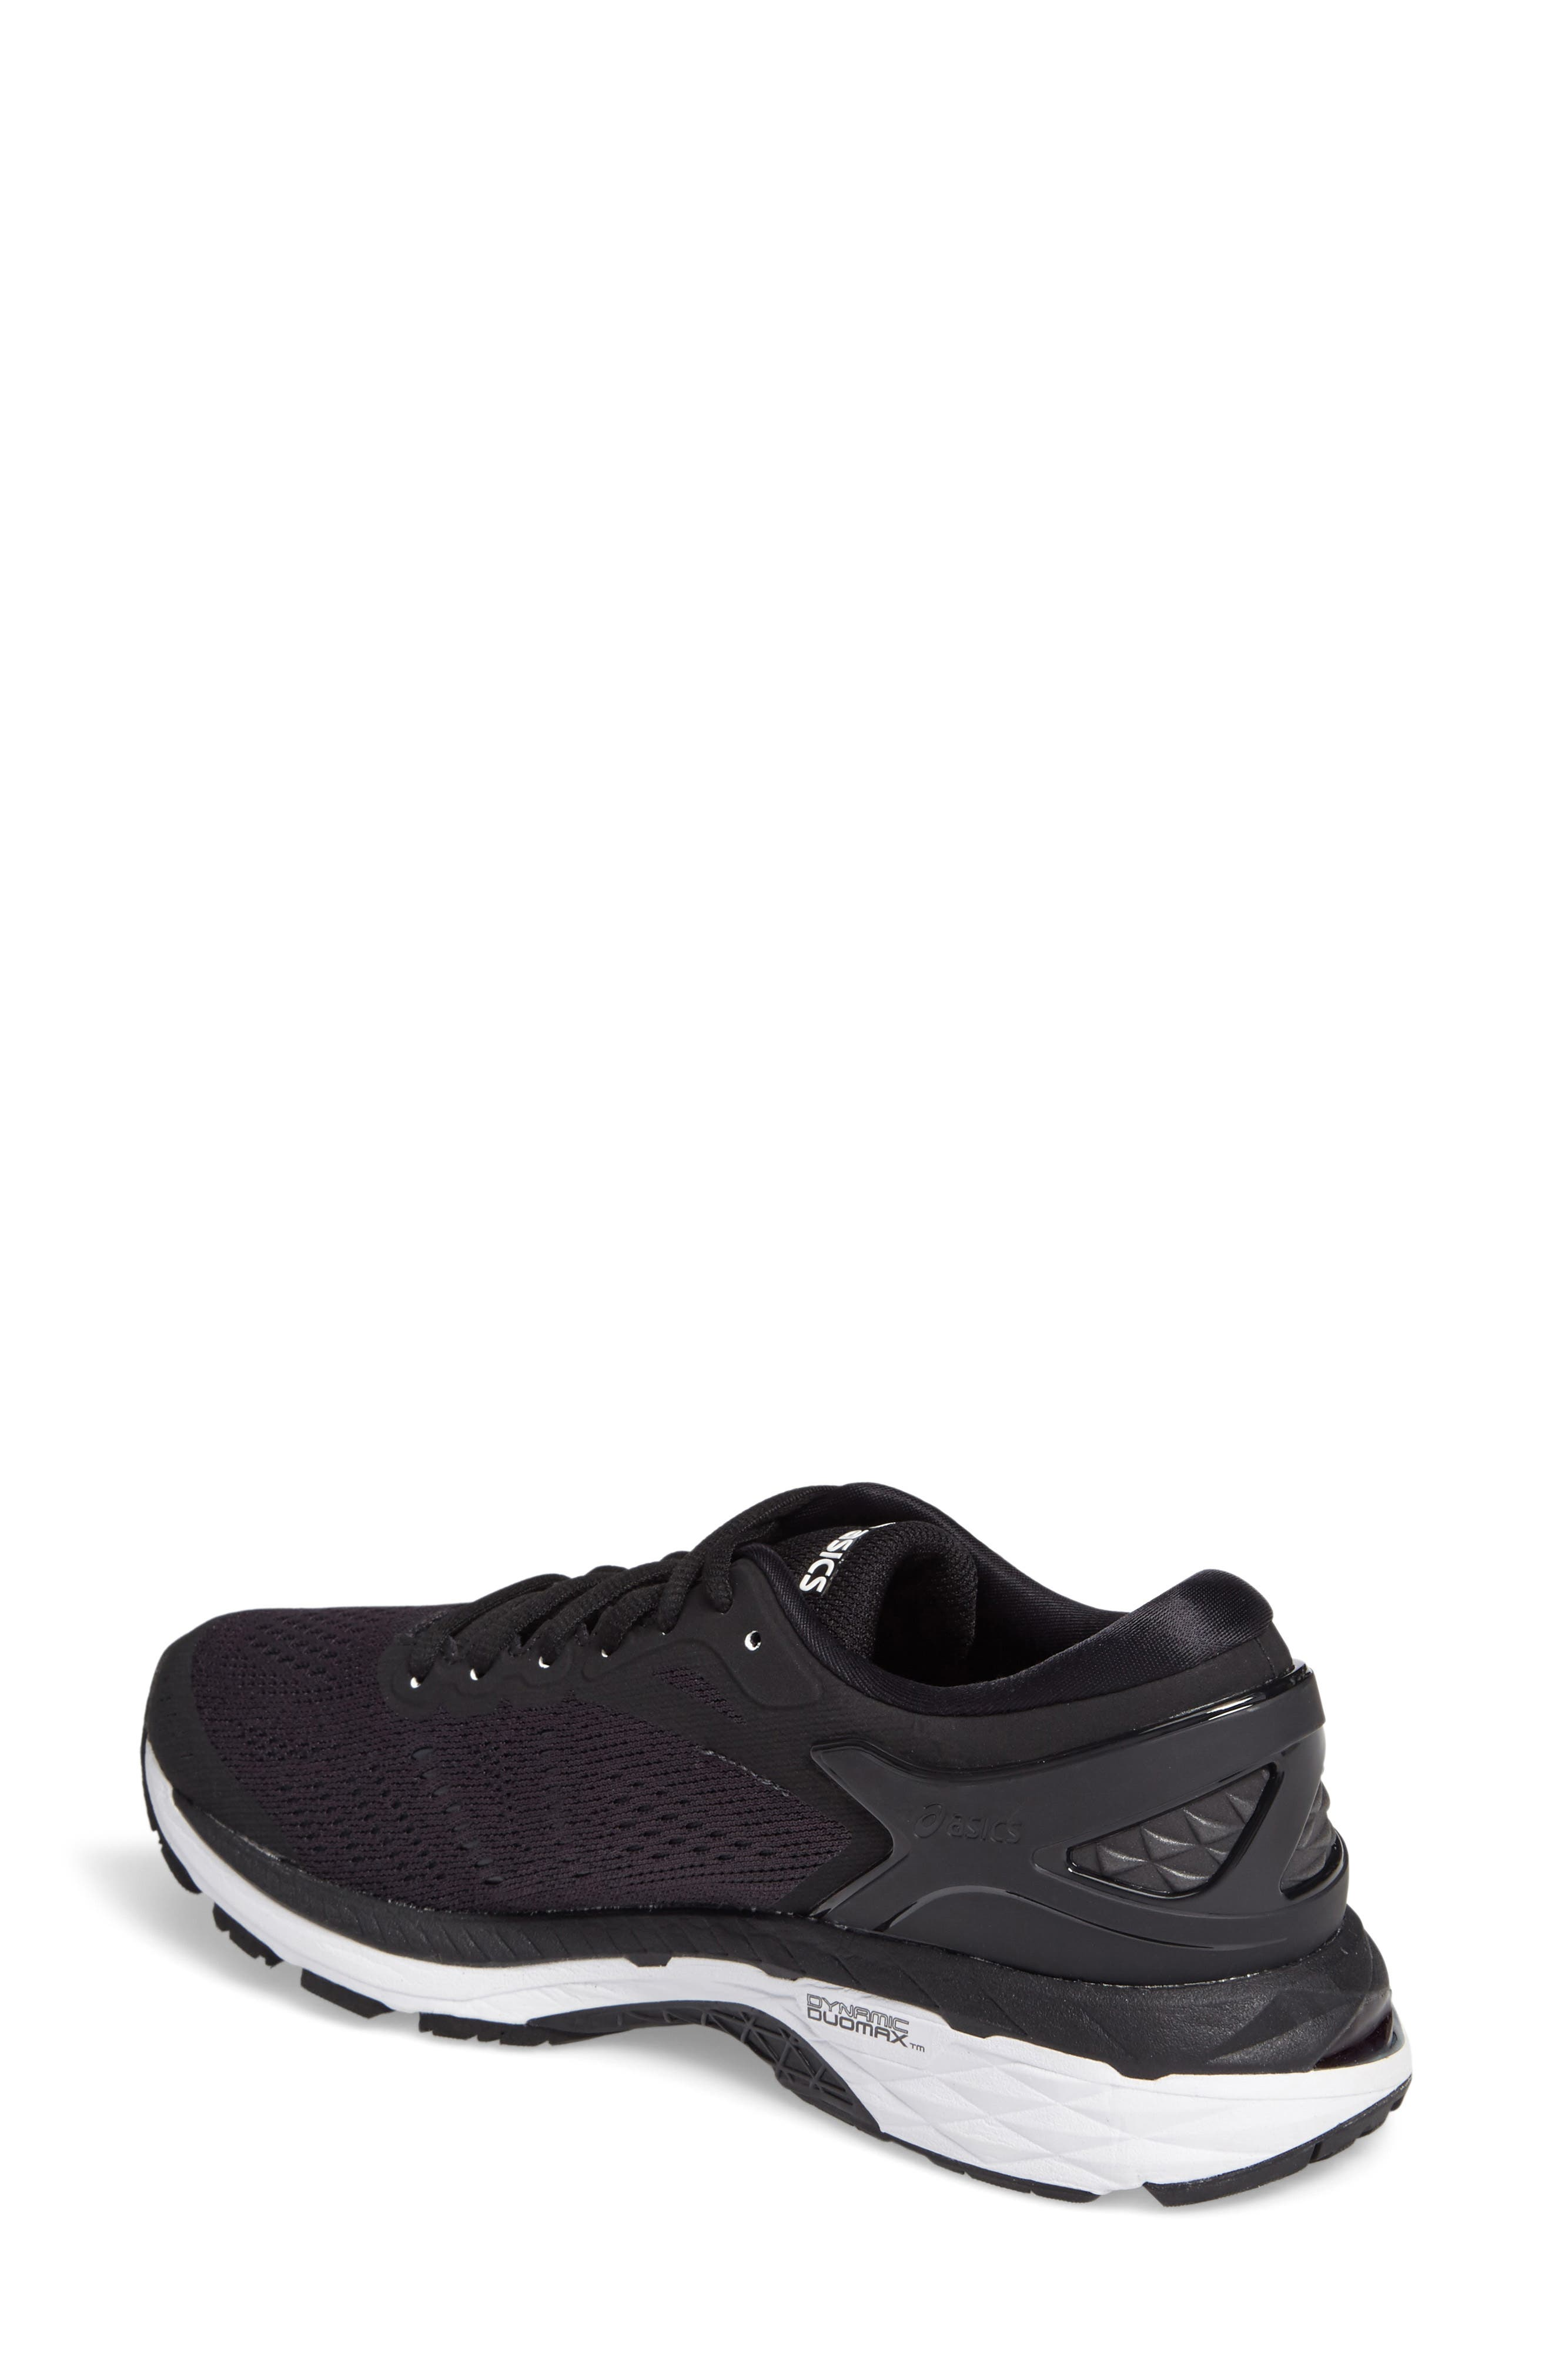 Alternate Image 2  - ASICS® GEL-Kayano® 24 Running Shoe (Women)